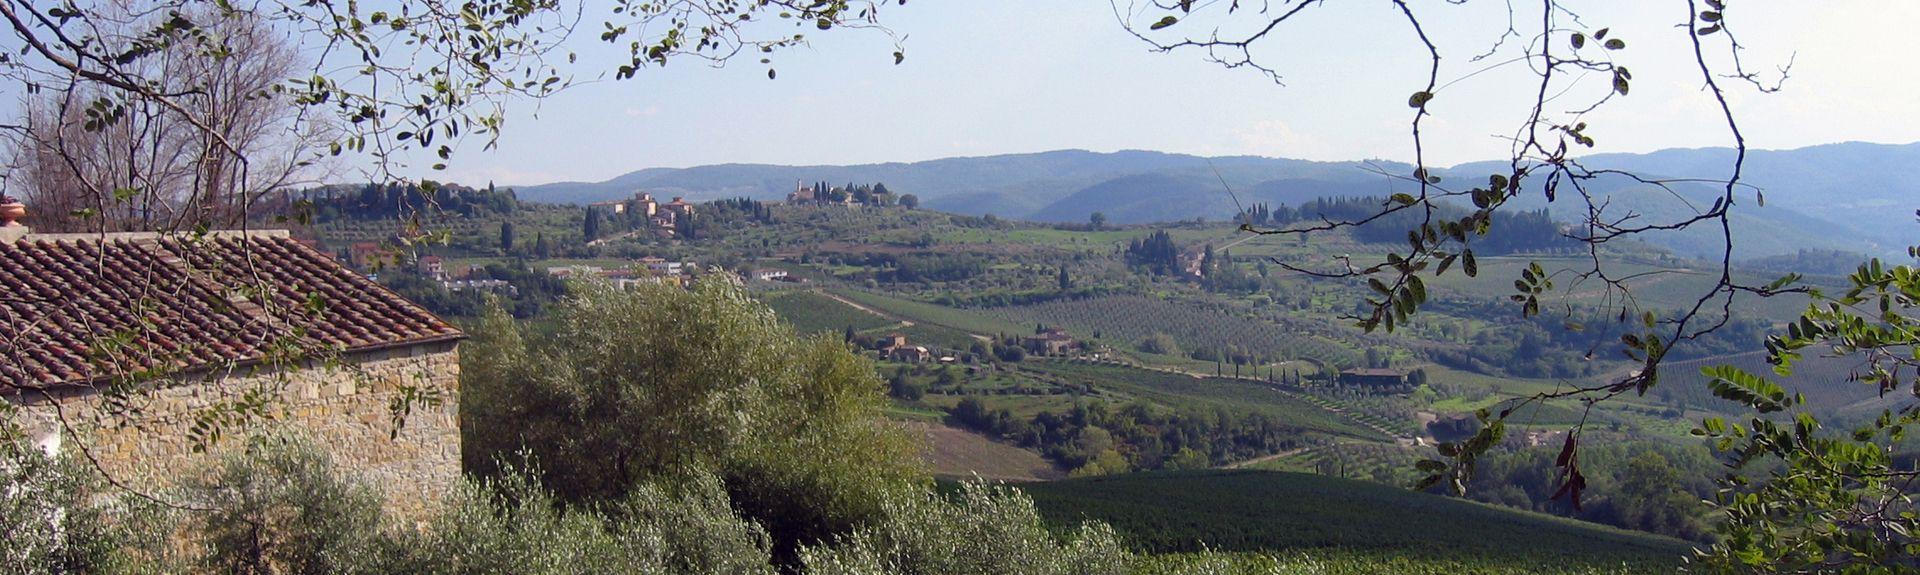 San Prospero, Emilia-Romagna, Italia